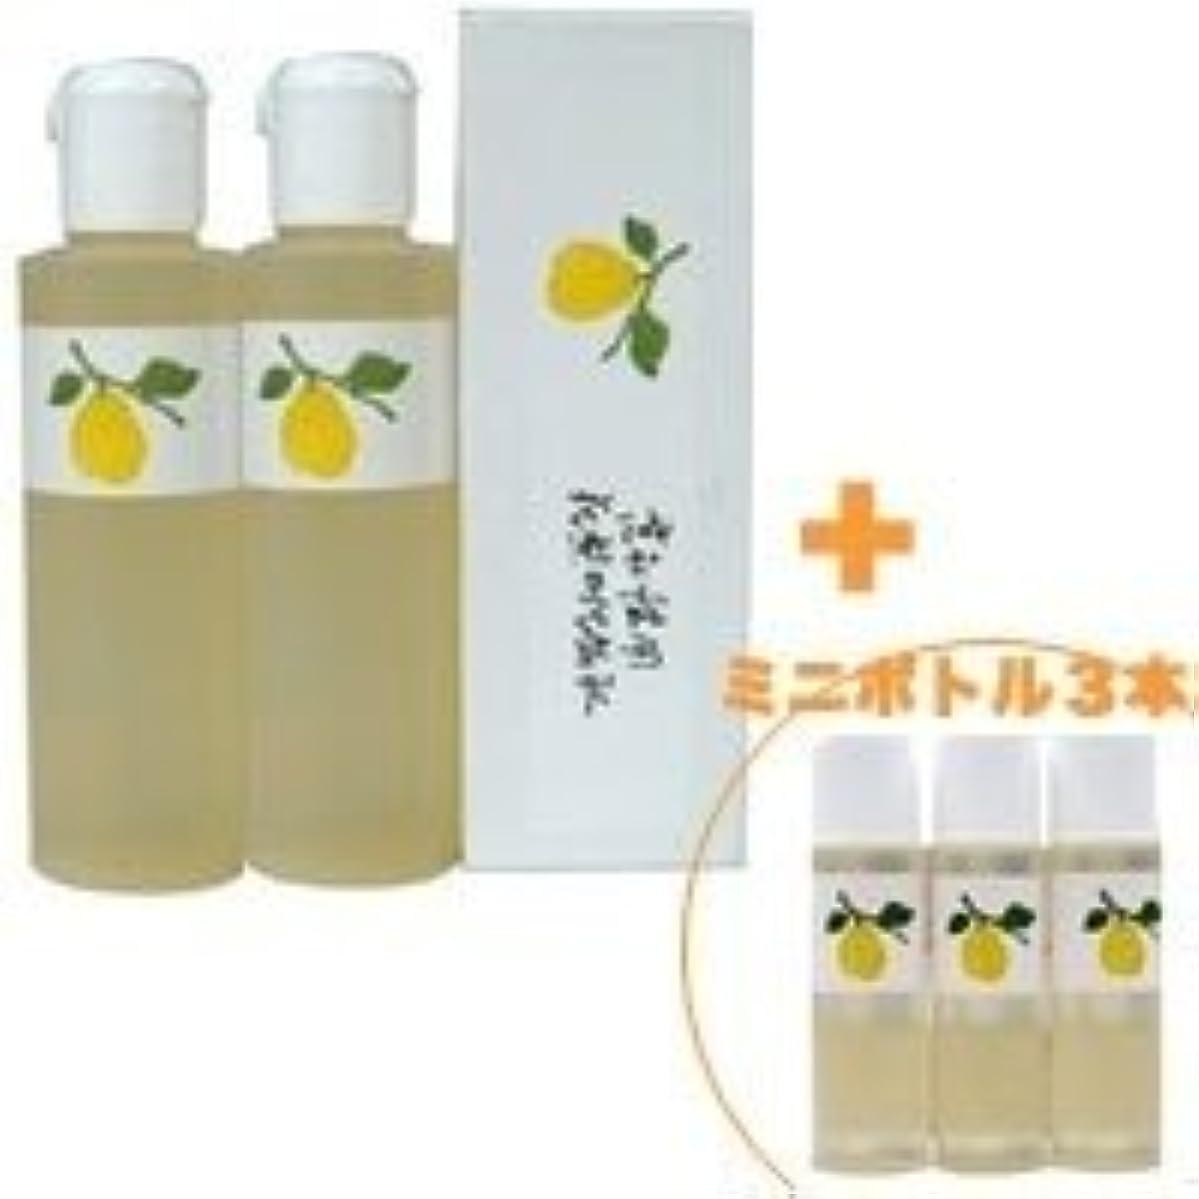 徹底的に告発参照花梨の化粧水 花梨の化粧水 200ml 2本&ミニボトル 3本